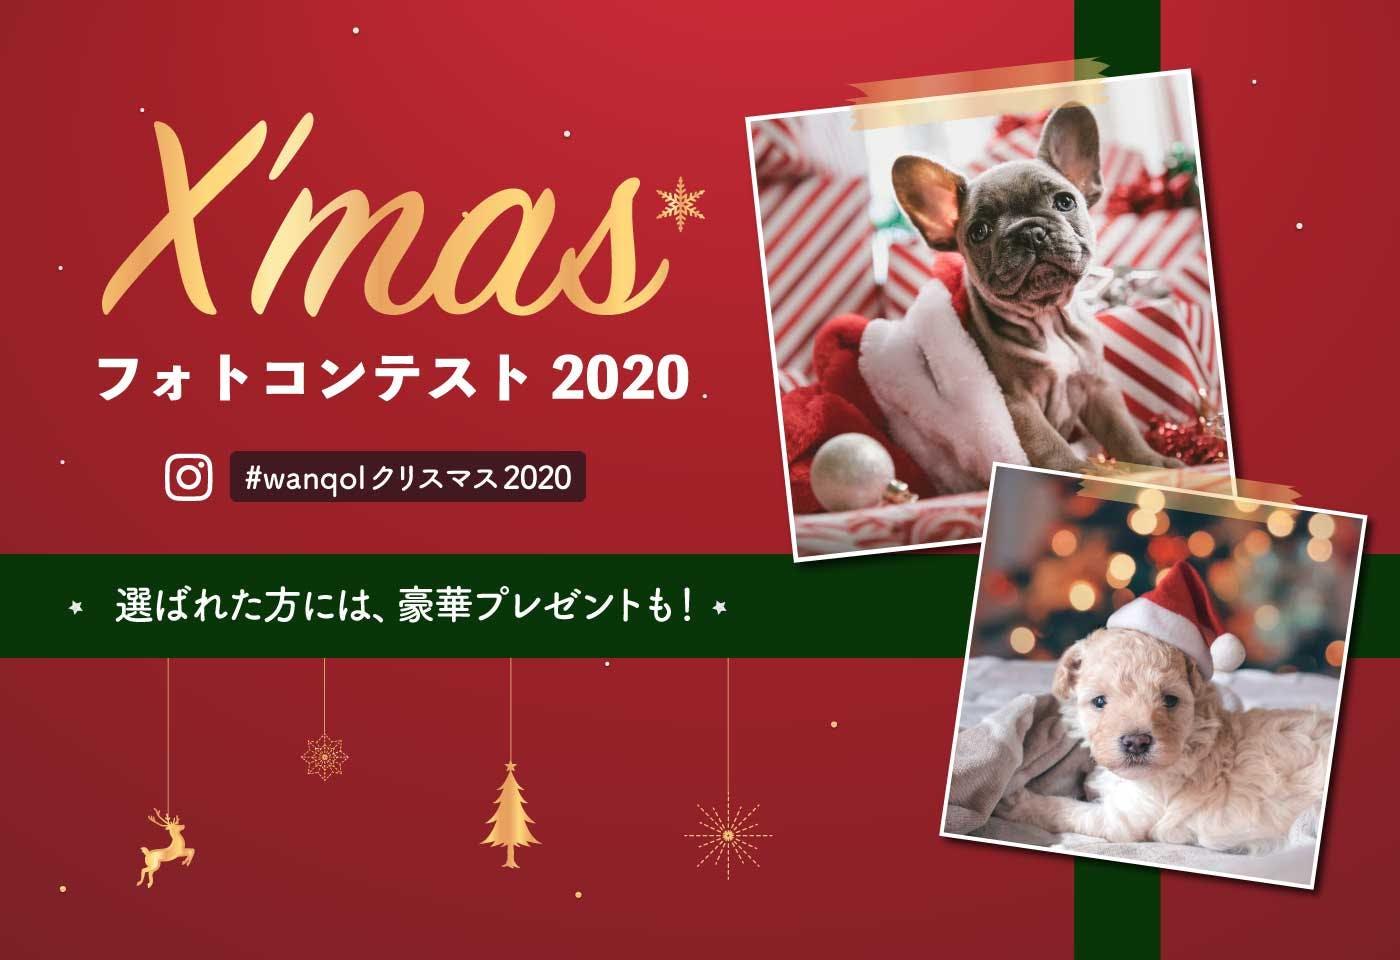 【豪華賞品付き♪】わんクォールクリスマスフォトコンテスト2020開催!